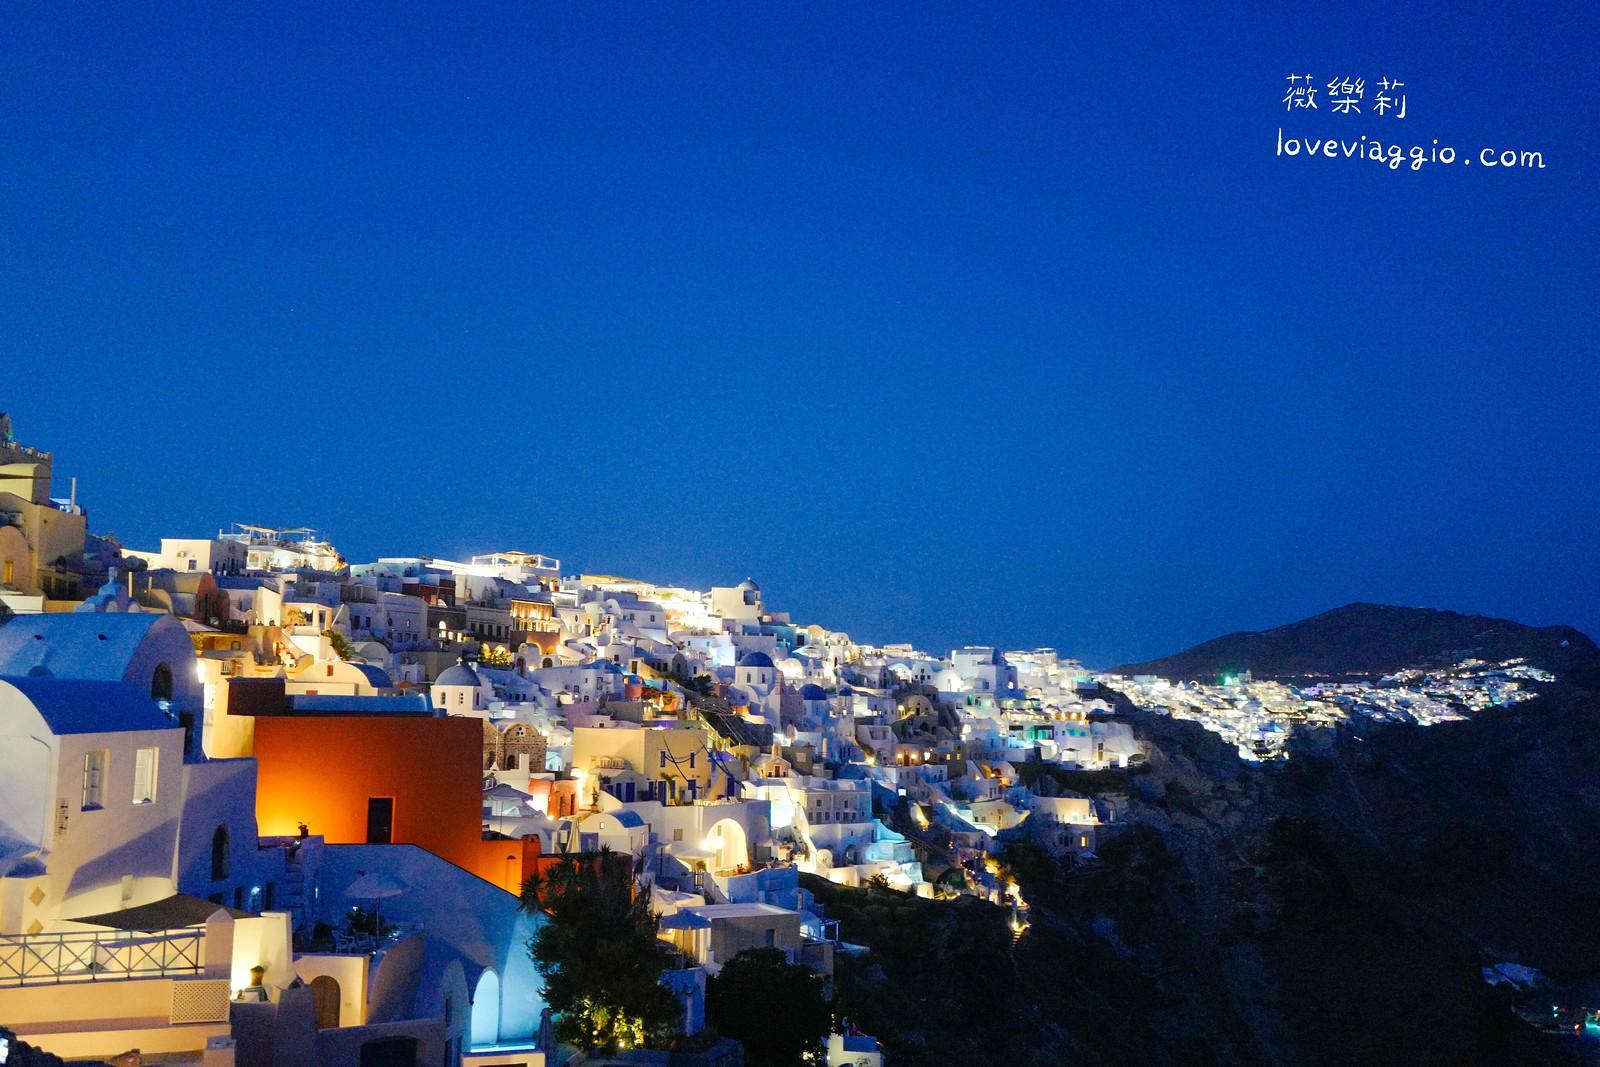 【希臘聖托里尼 Santorini】伊亞Oia 愛琴海最迷人的夜景 @薇樂莉 Love Viaggio | 旅行.生活.攝影